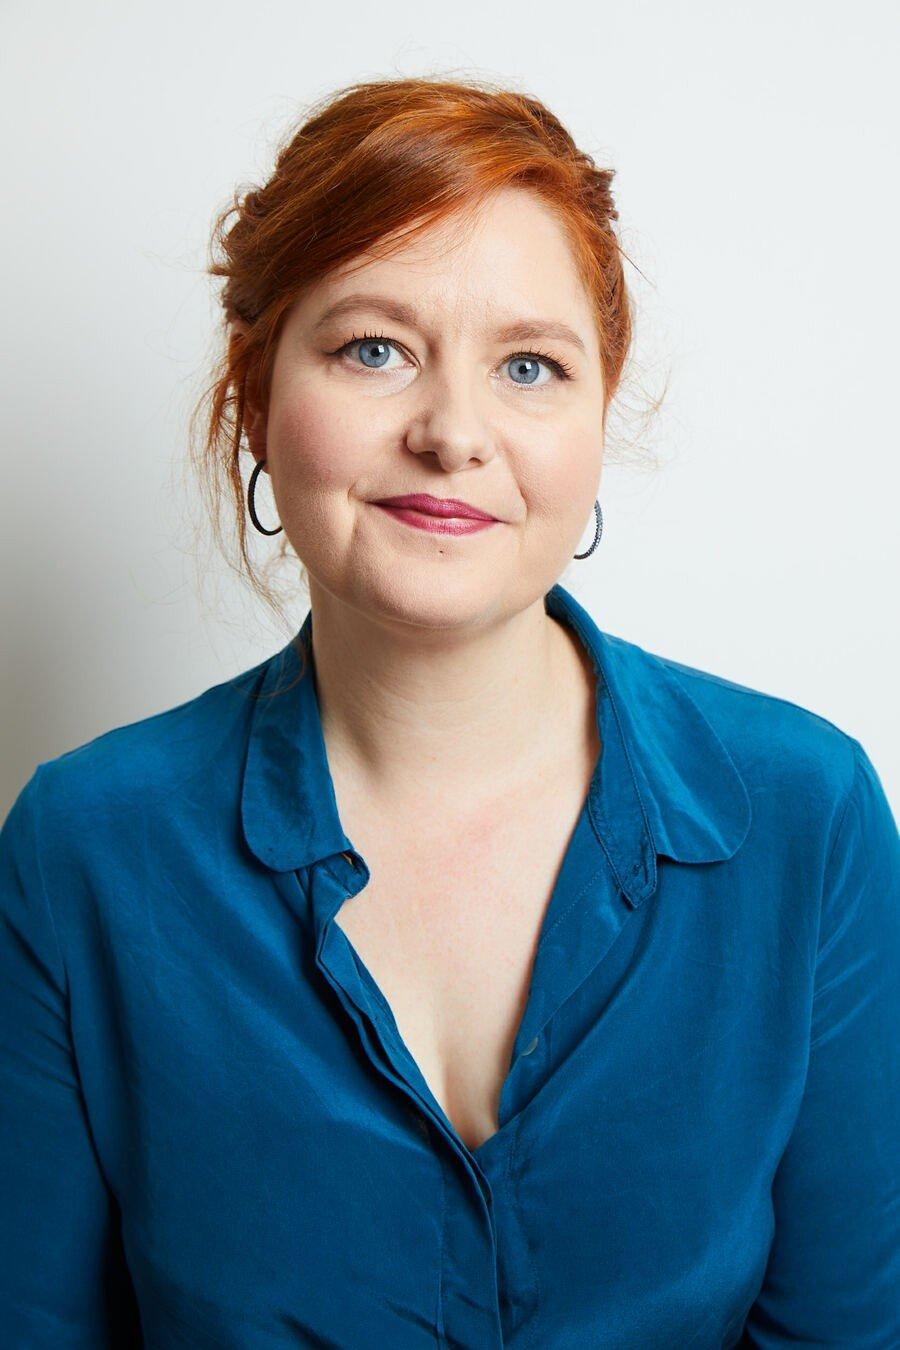 Siobhan Reddy, Media Molecule studio director